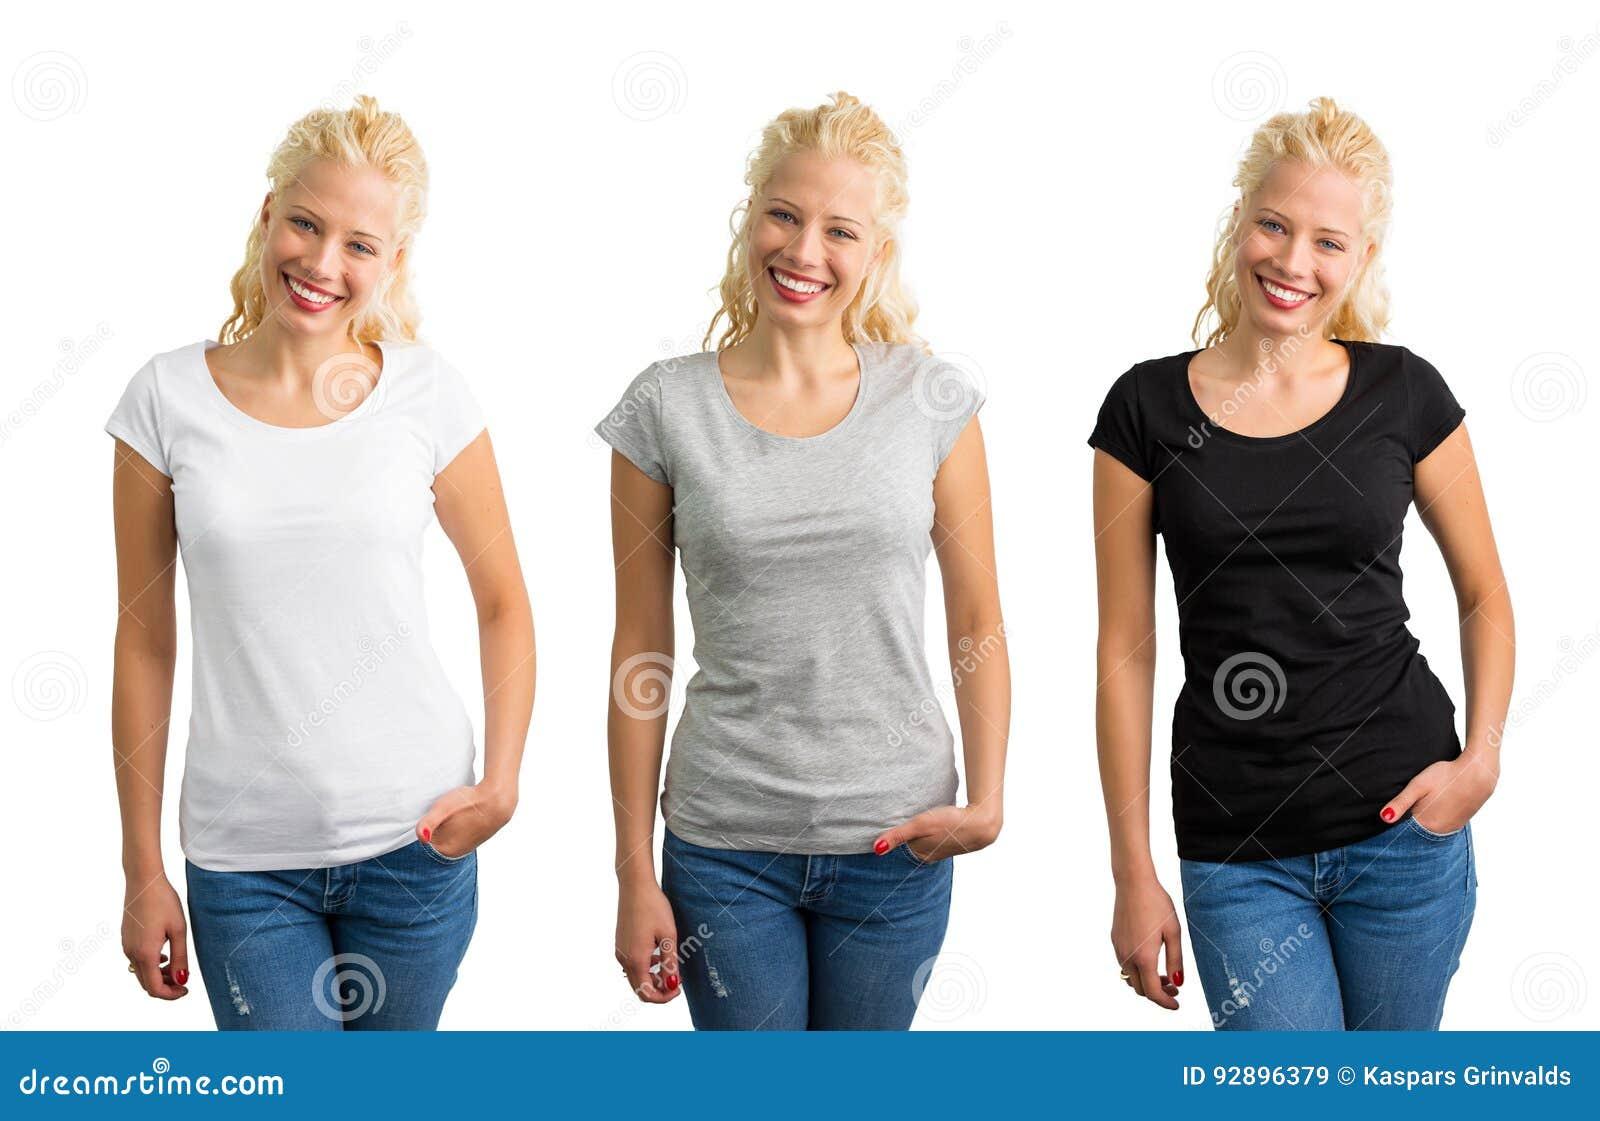 Femme dans le T-shirts blanc, gris, et noir